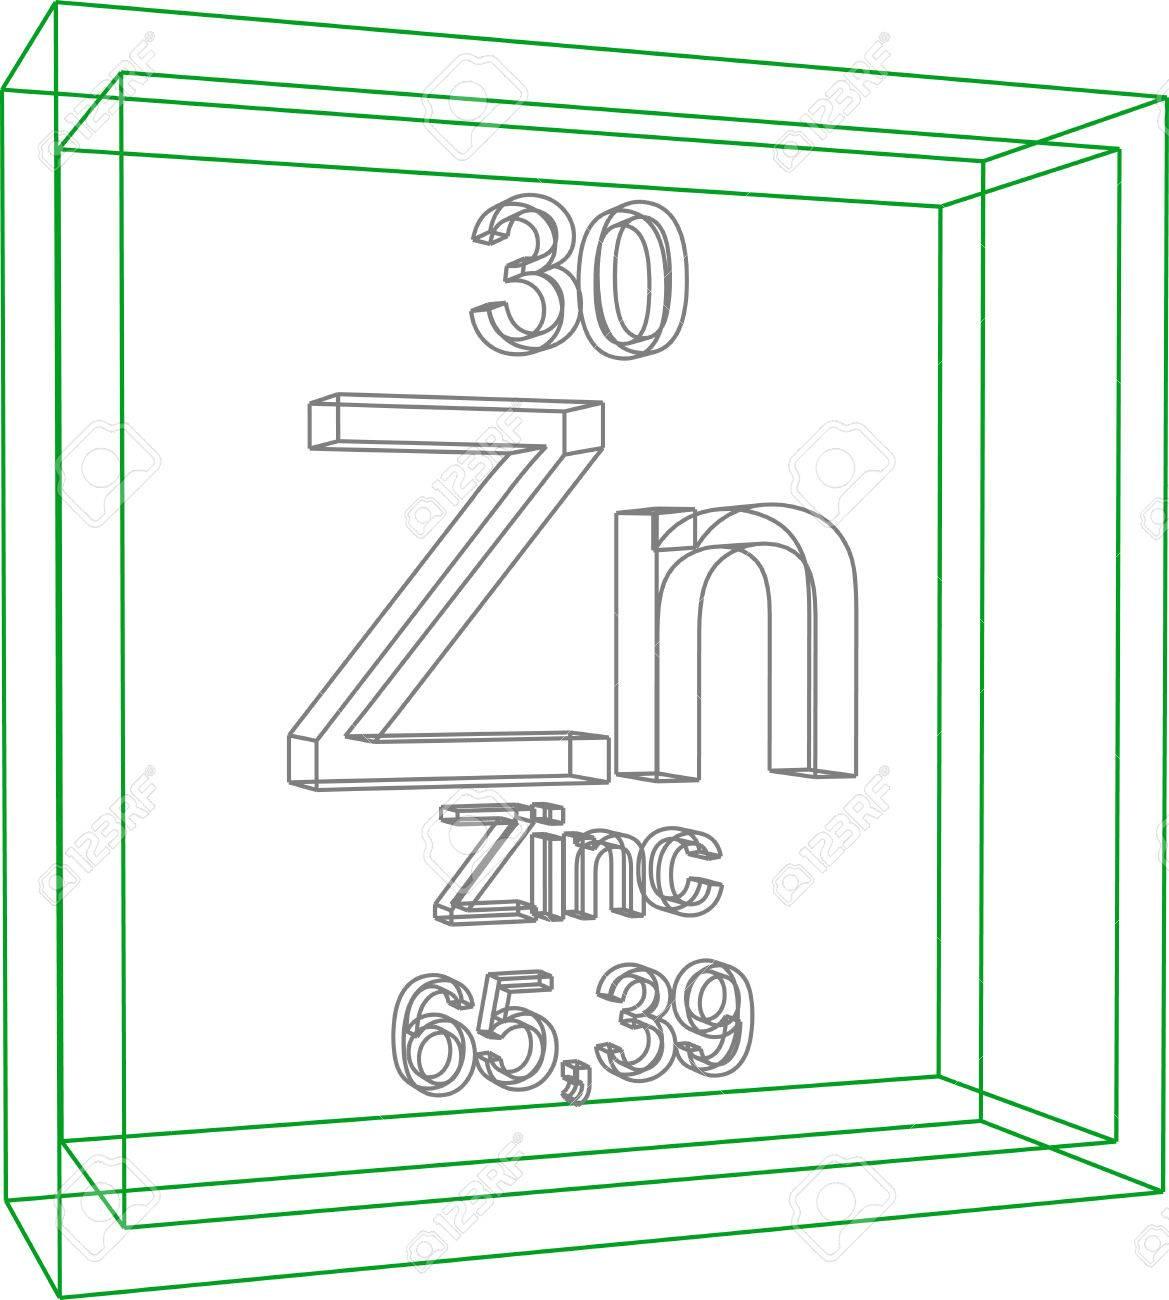 Tabla peridica de los elementos zinc ilustraciones vectoriales foto de archivo tabla peridica de los elementos zinc urtaz Image collections